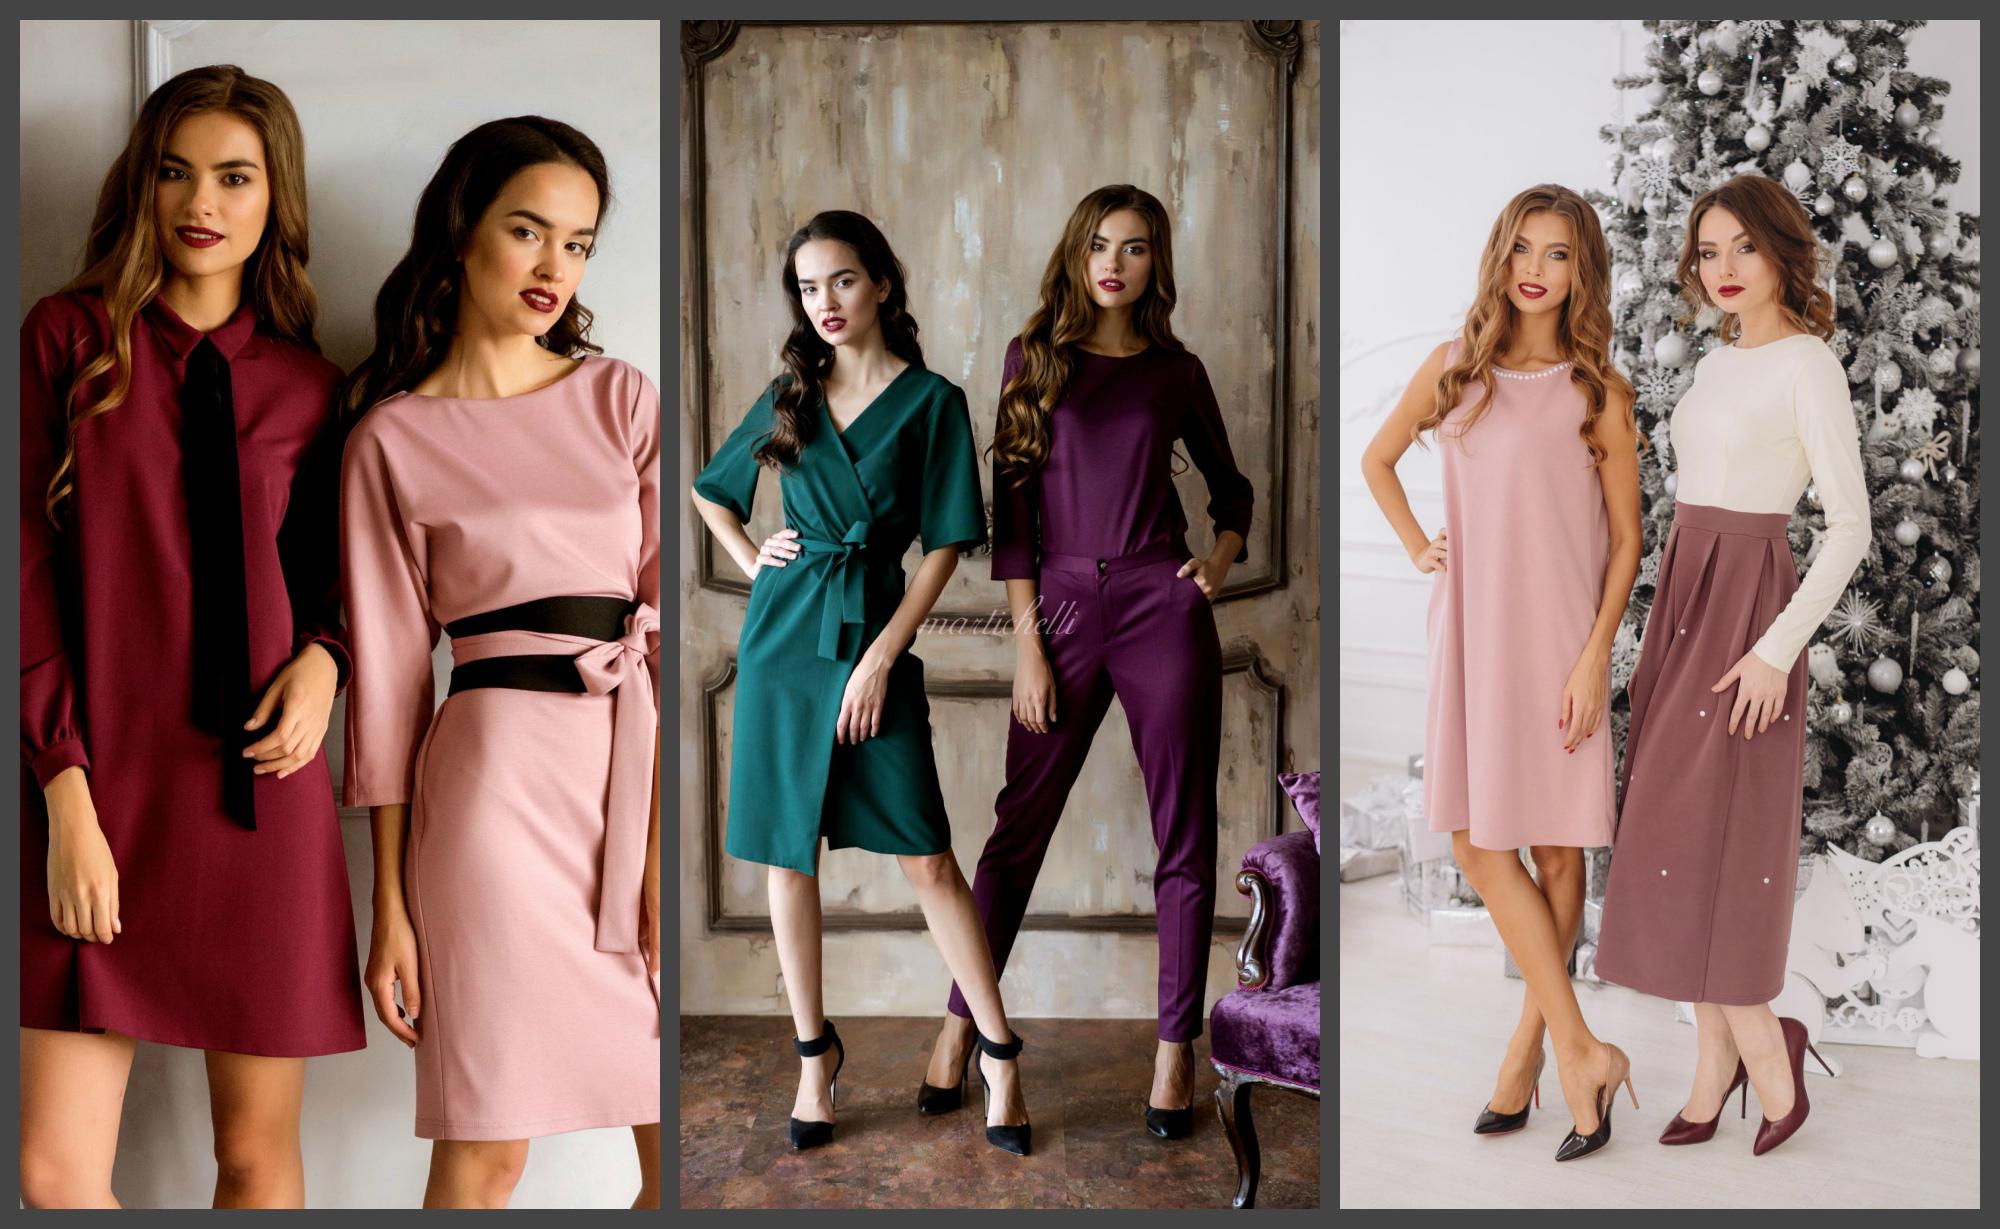 Martichelli - элегантные, лаконичные и очень женственные платья и костюмы по ценам от производителя.